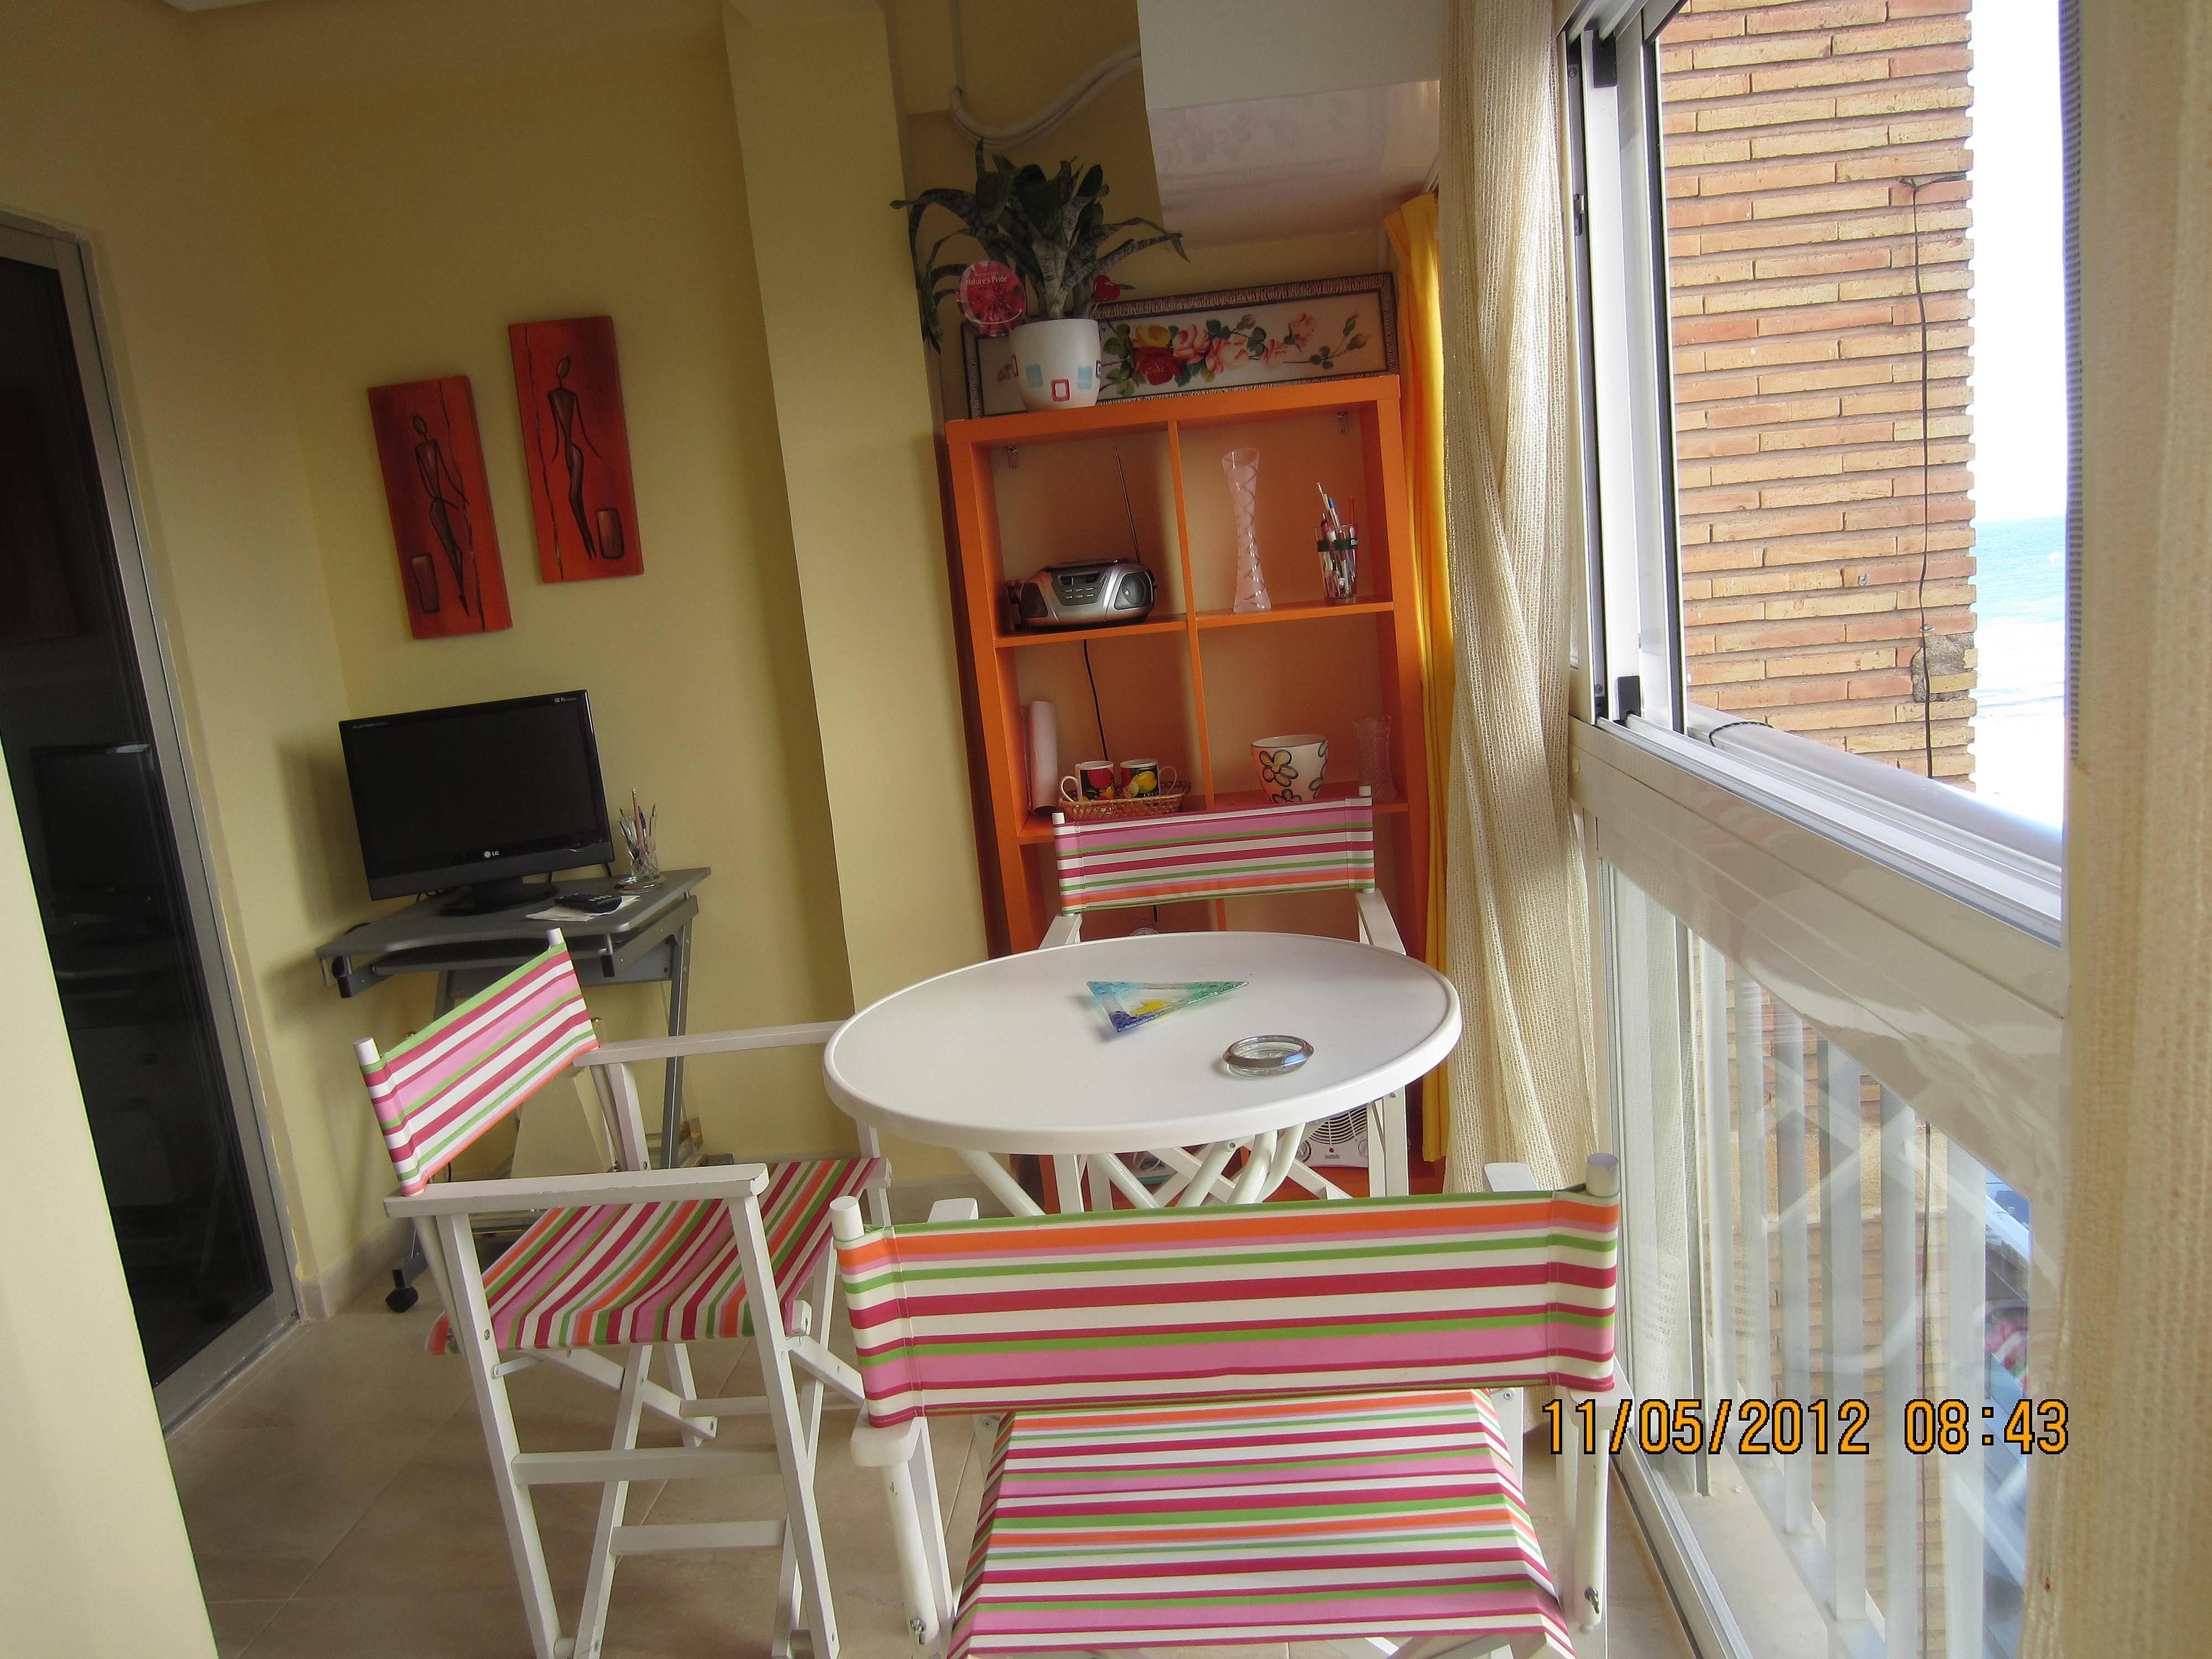 Apartamento en alquiler en 1a l nea de playa benidorm - Apartamentos de alquiler en benidorm baratos ...